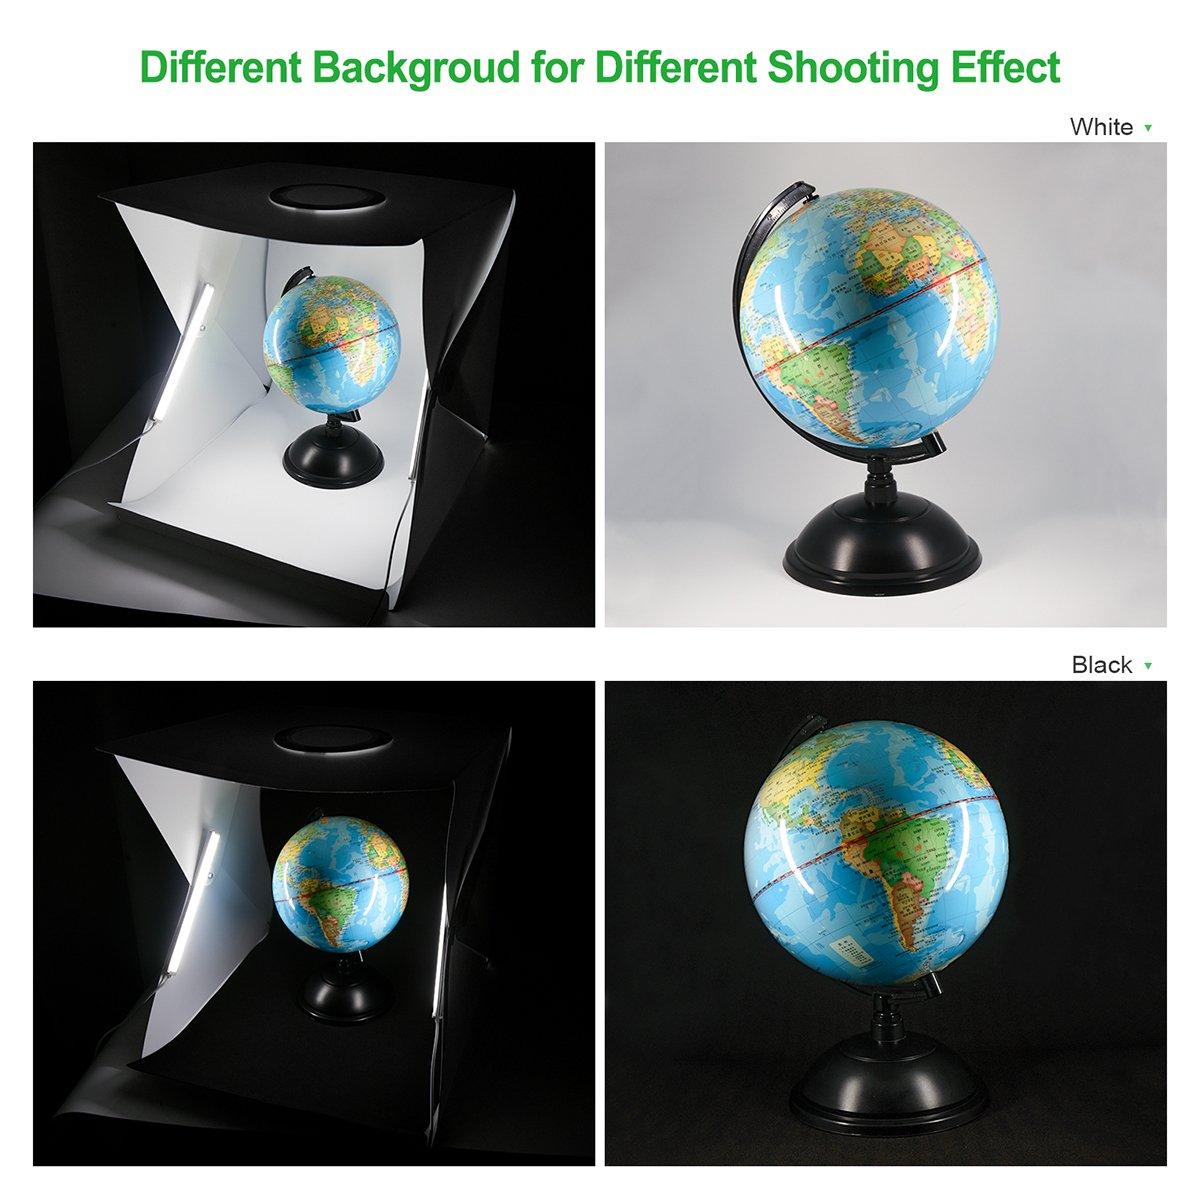 Zecti Caja de fotografía 40x40cm Caja de luz regulable Tienda fotográfica portátil con 2 tiras de luces LED ajustables y 2 telones de fondo: Amazon.es: ...